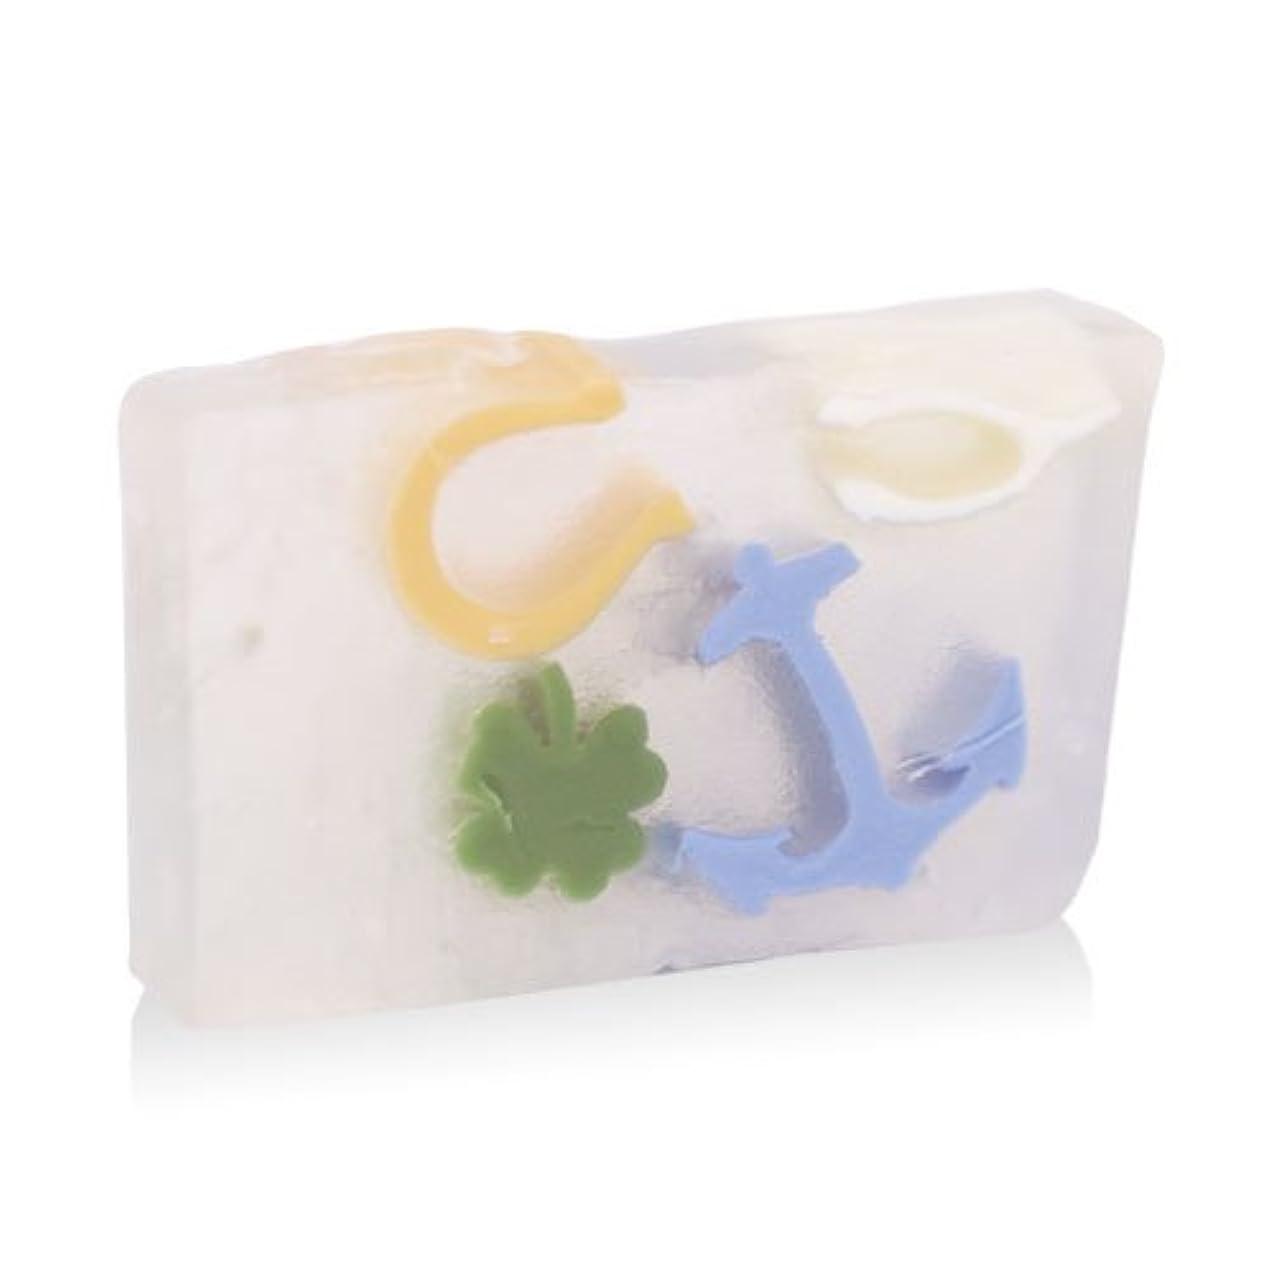 恥ずかしさホラー著名なプライモールエレメンツ アロマティック ソープ グッドラックチャーム 180g 植物性 ナチュラル 石鹸 無添加